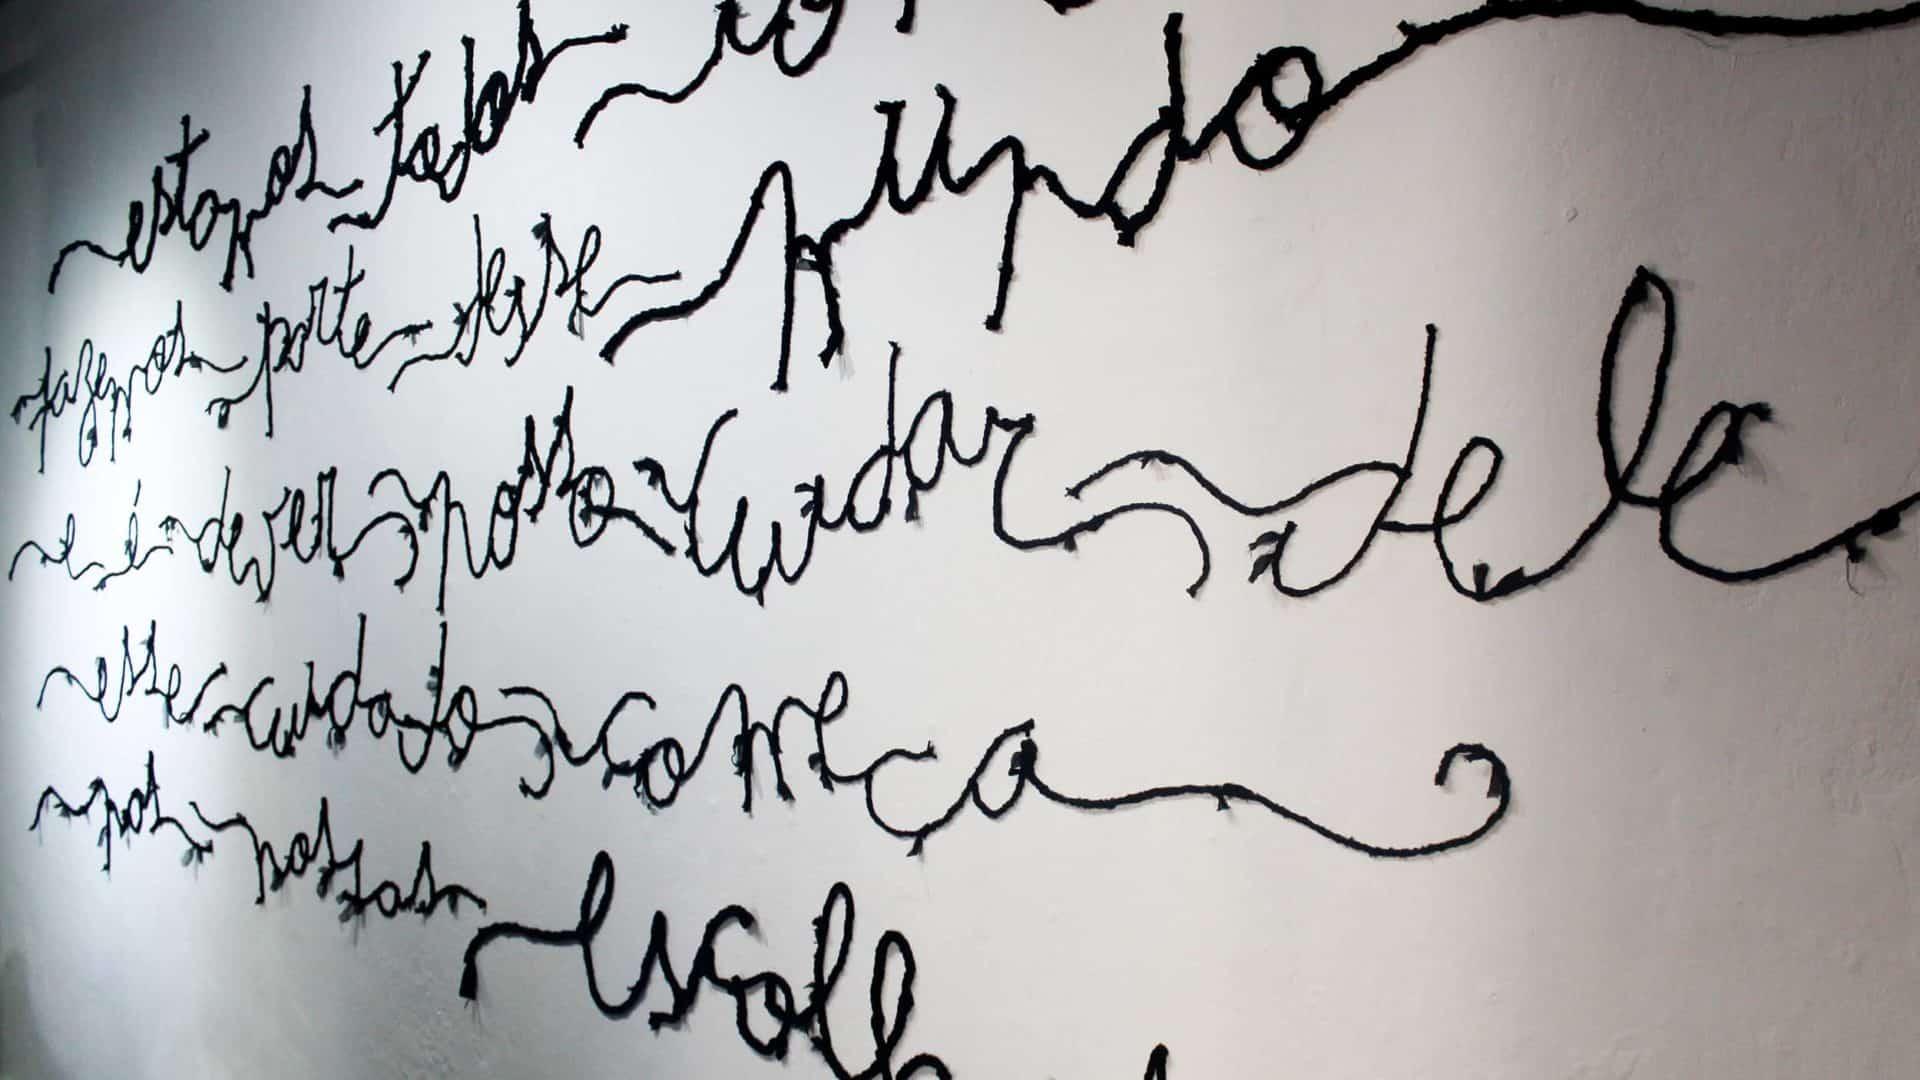 Poesia bordada, aplicada em parede, em exposição do estilista e poeta Teko Semente